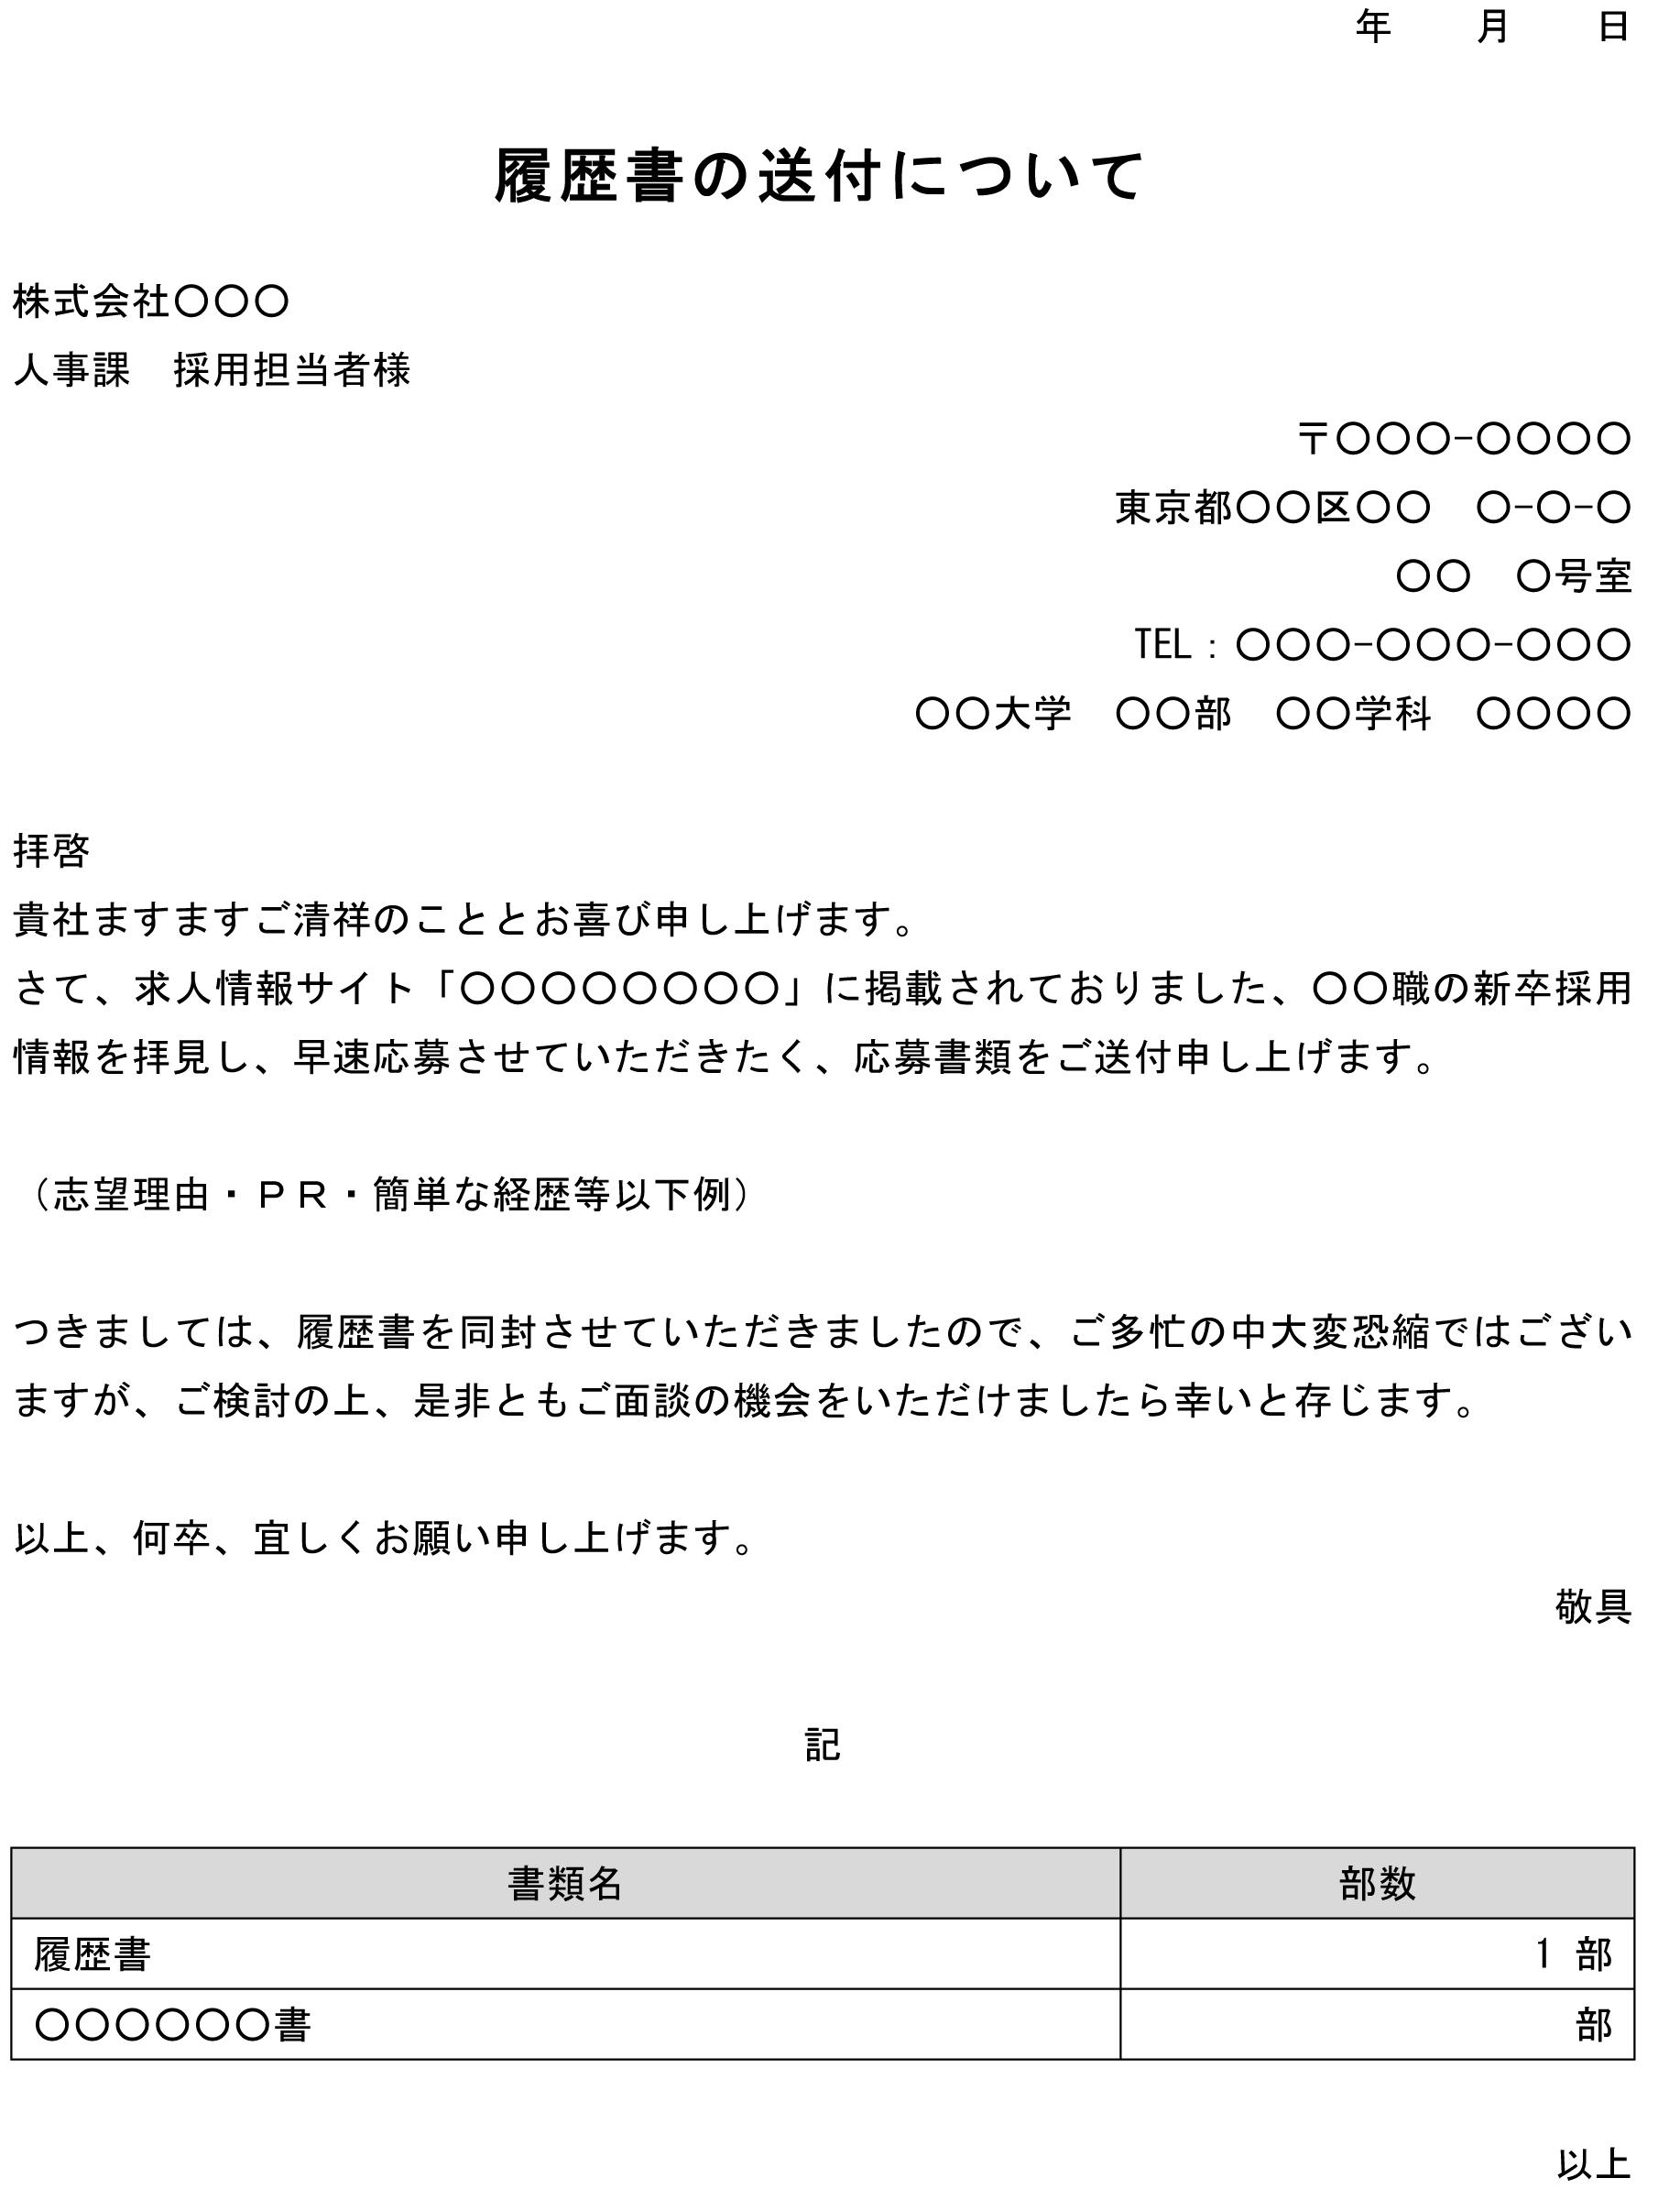 送付状(求人サイト掲載の新卒採用情報に応募)